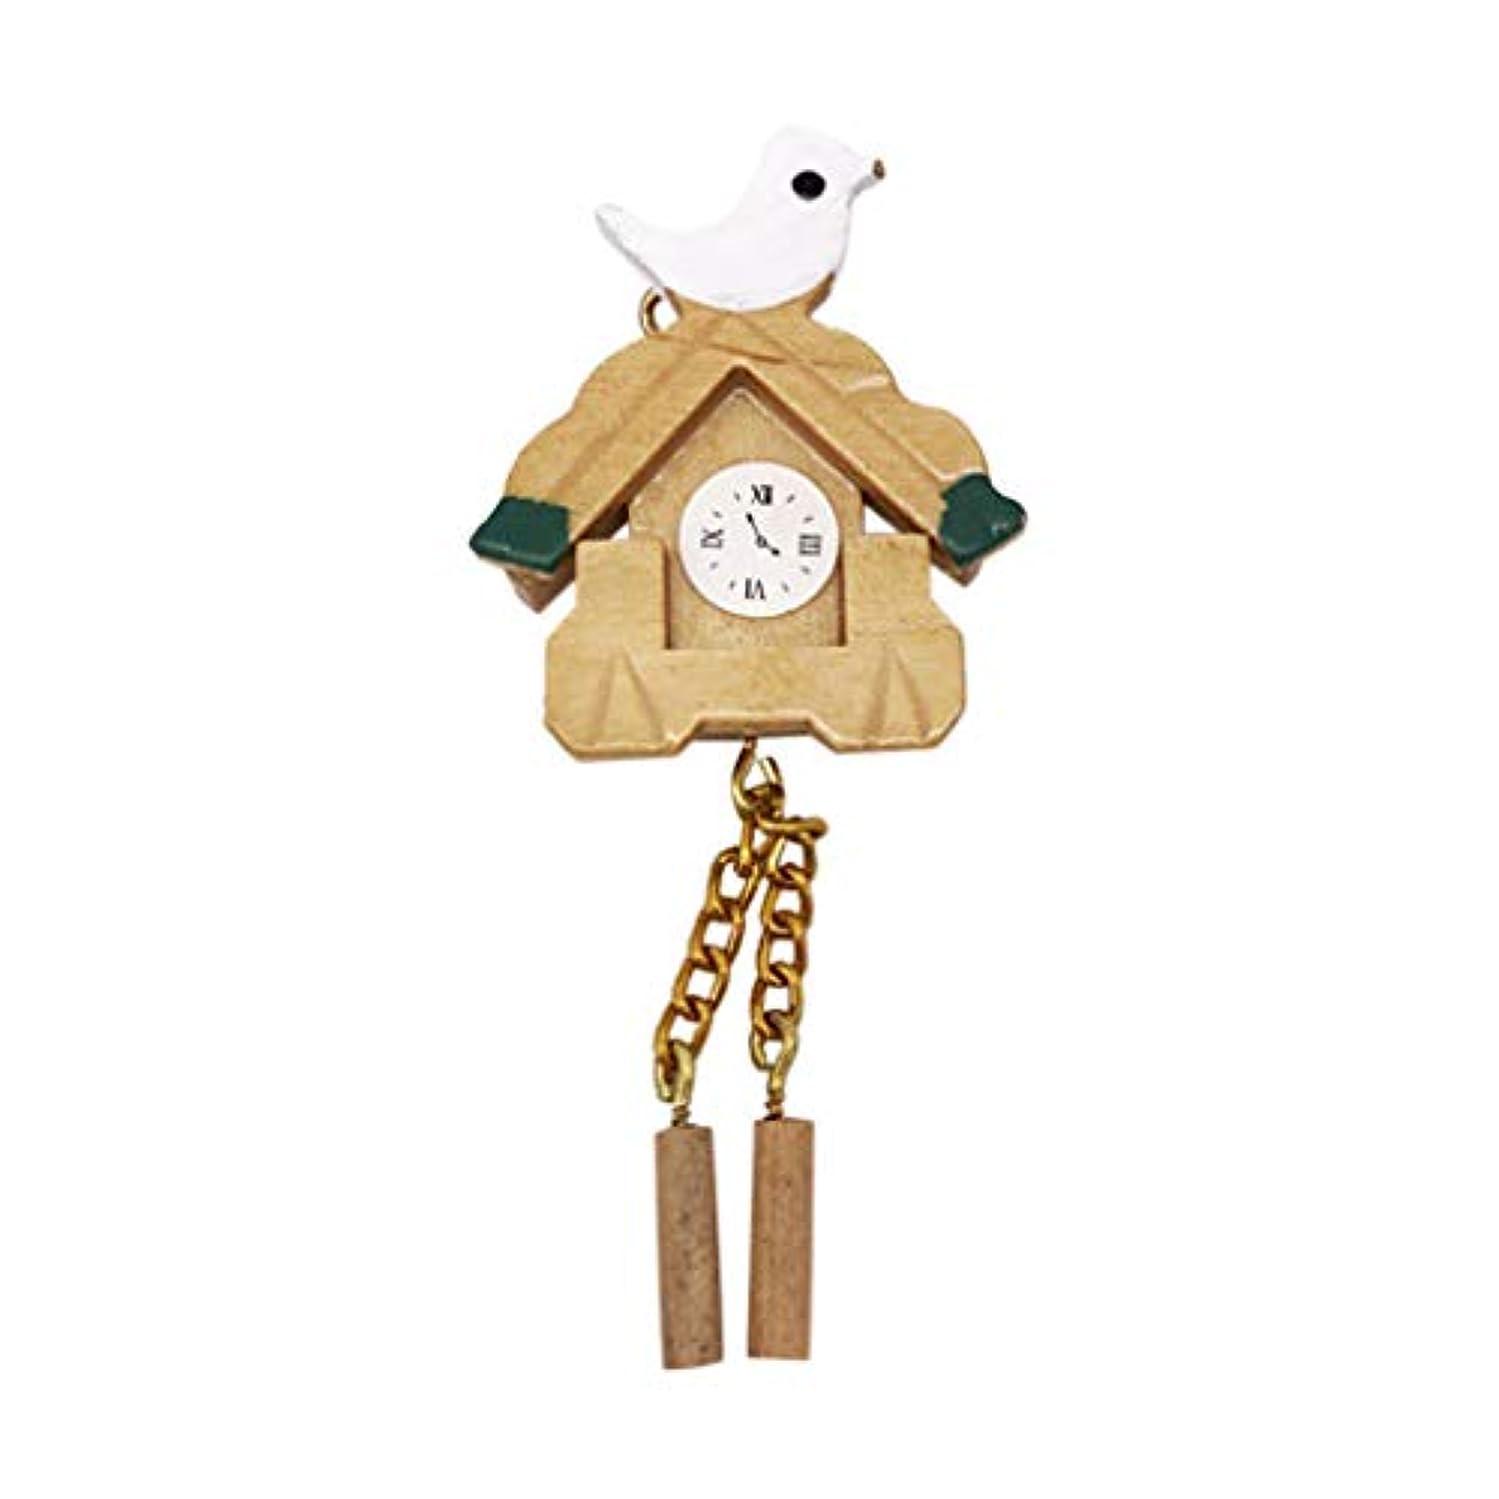 中古アマゾンジャングルファイバGOOD lask ミニバードウォールクロック、1:12ドールハウスのリビングルームの装飾、子供たちが遊ぶおもちゃのふりをする